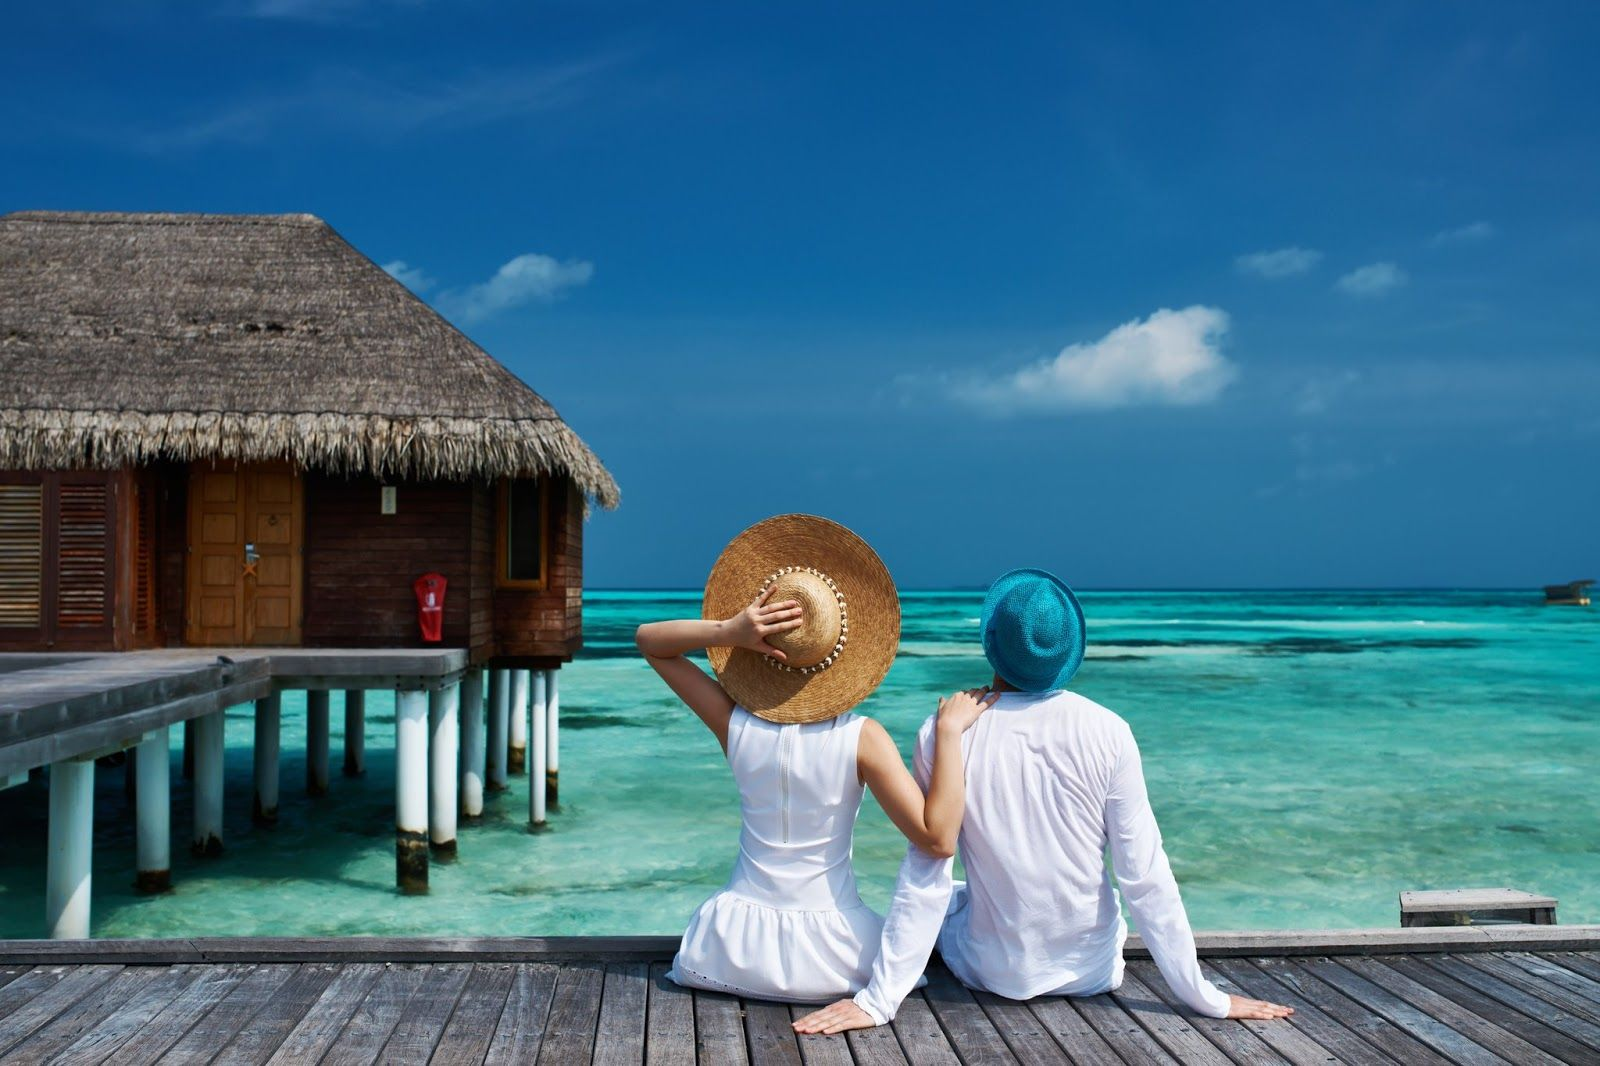 جزيرة بالي اندنوسيا مناظر اندنوسيا عرب بنتيرست عرب الطبيعة جمال Follow Explore Maldives Honeymoon Honeymoon Packing List Best Honeymoon